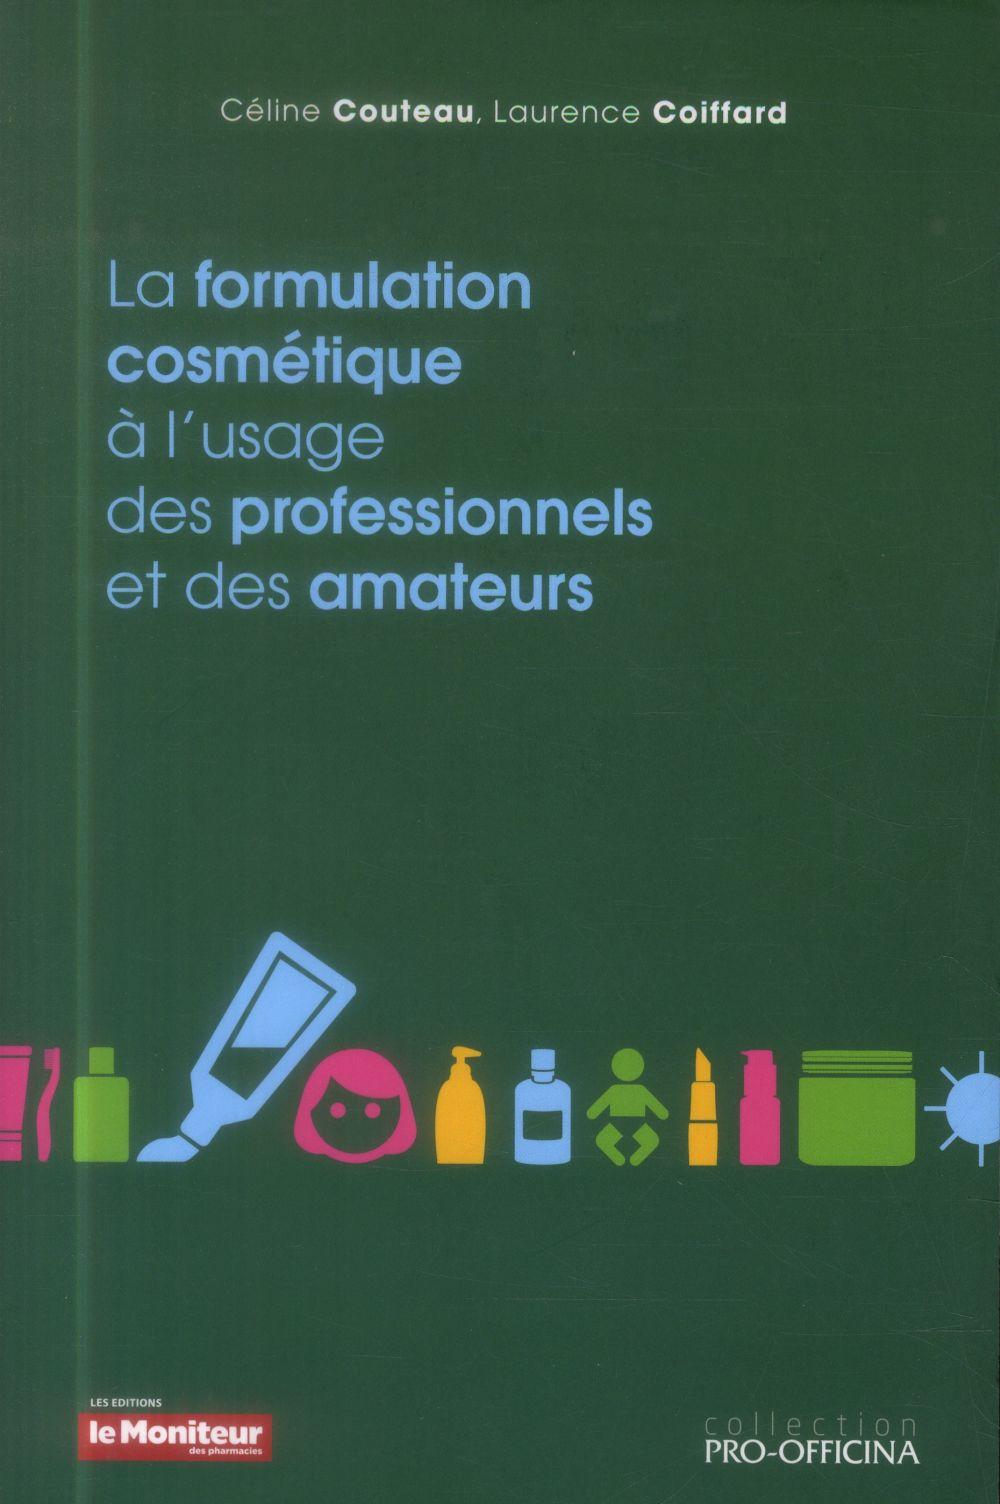 LA FORMULATION COSMETIQUE A L USAGE DES PROFESSIONNELS ET DES AMATEURS